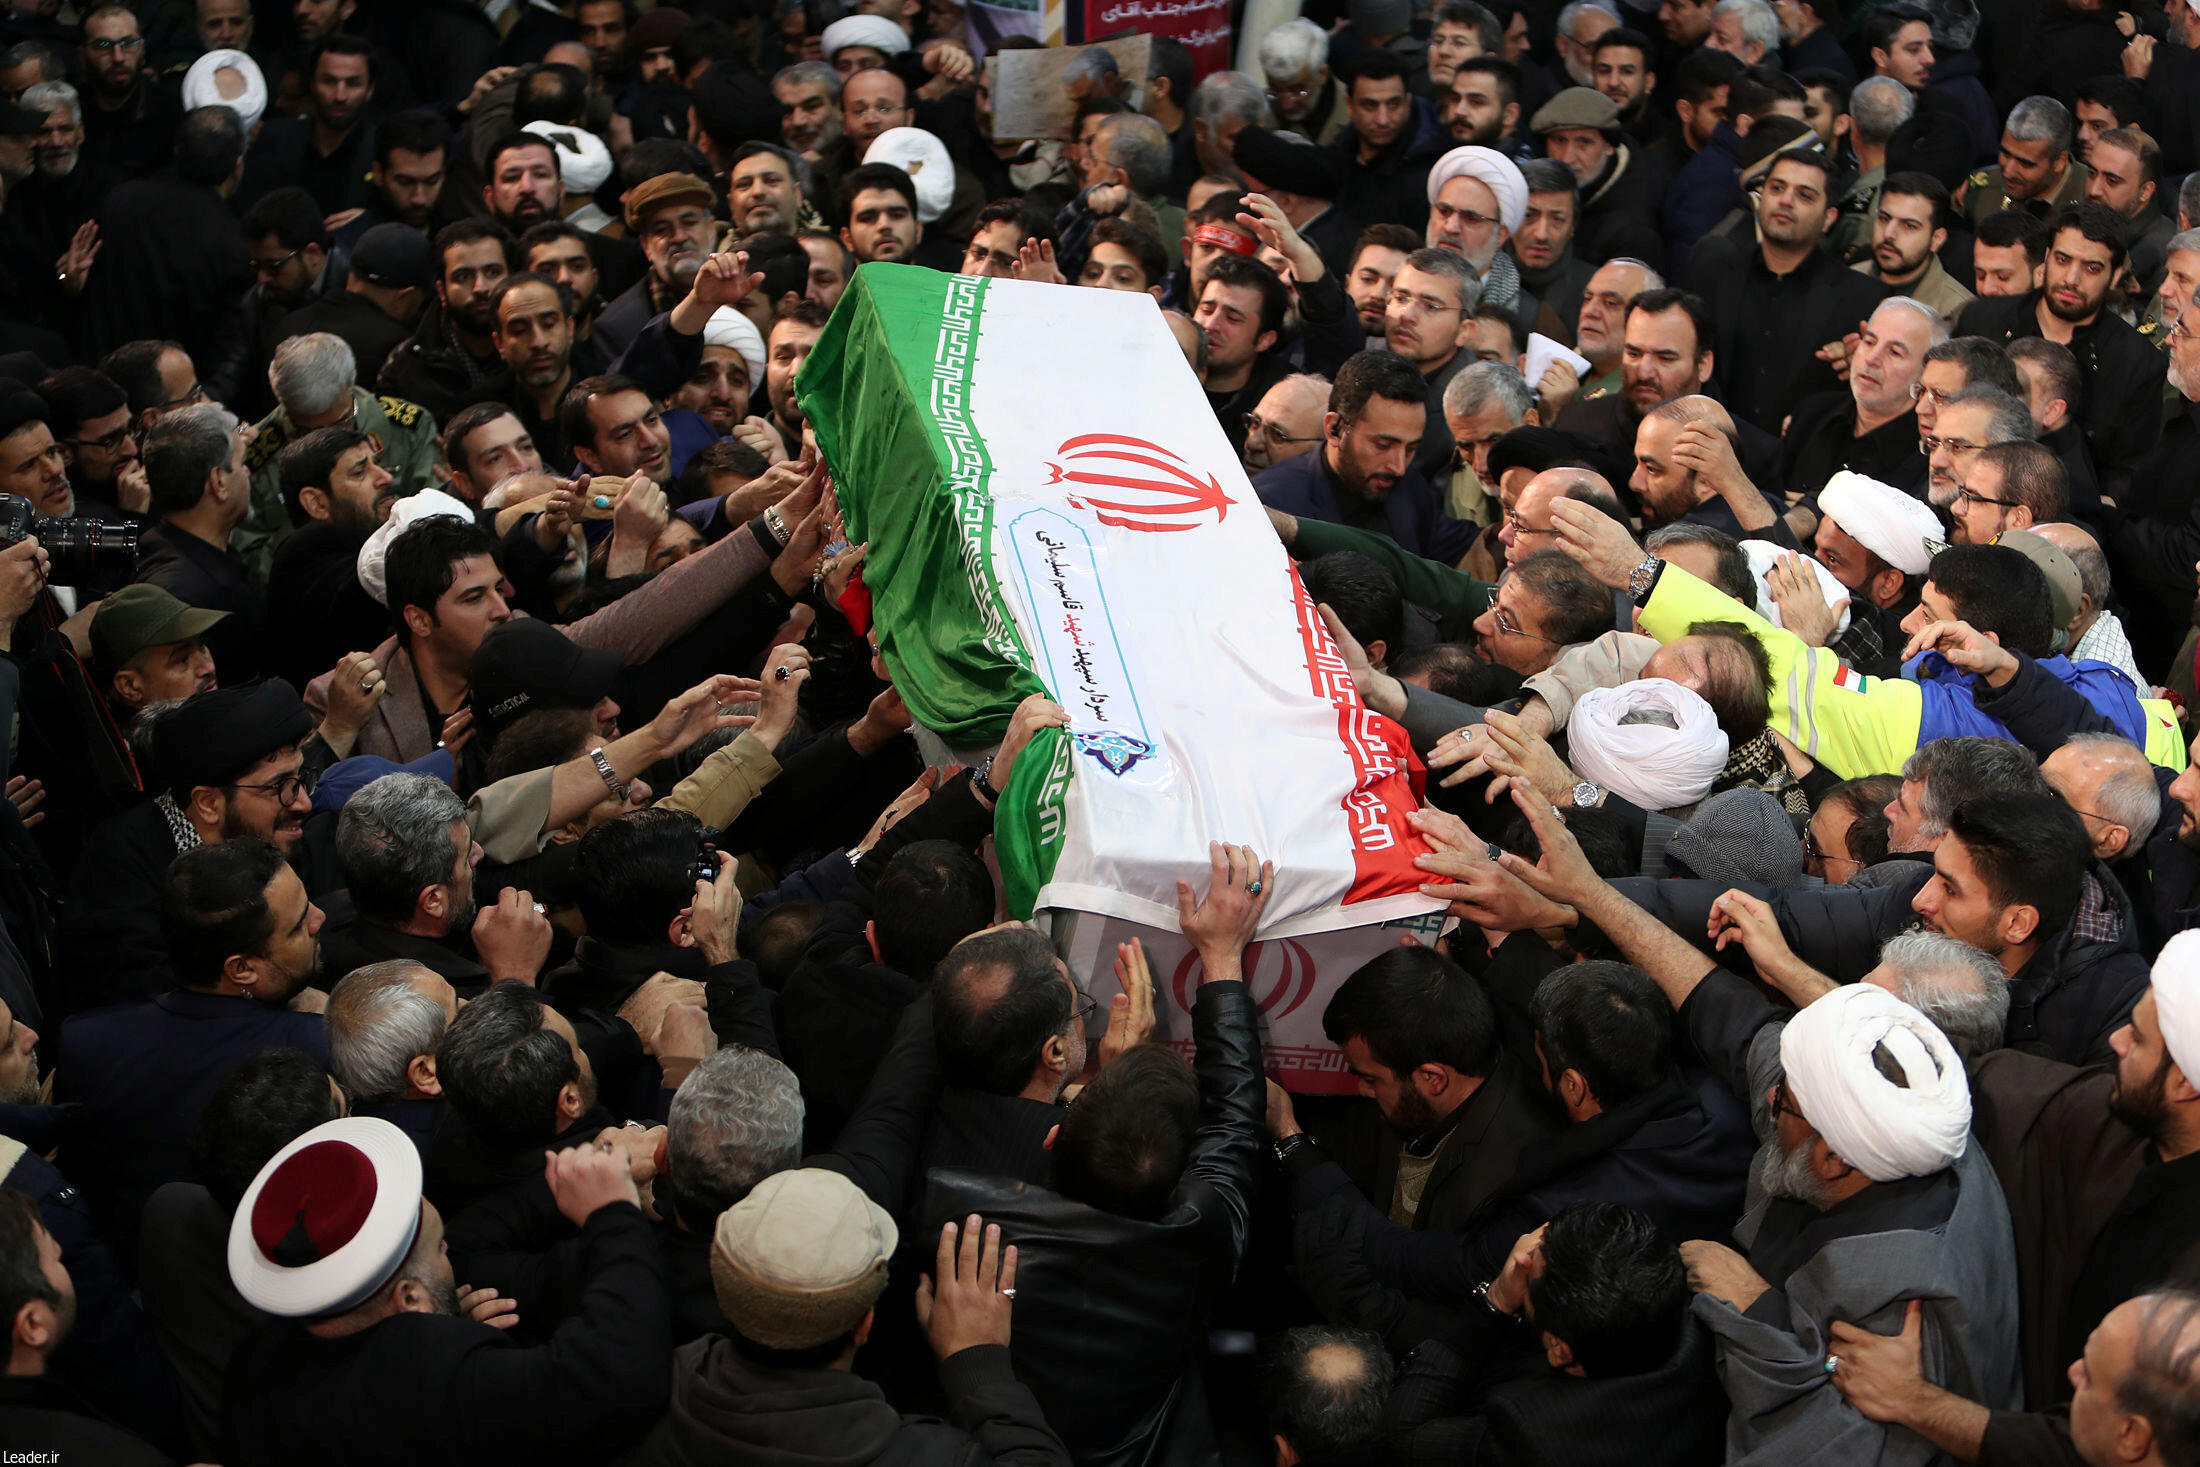 Una multitud acompaña el féretro del General iraní Qassim Suleimani, asesinado en un bombardeo norteamericano en Iraq